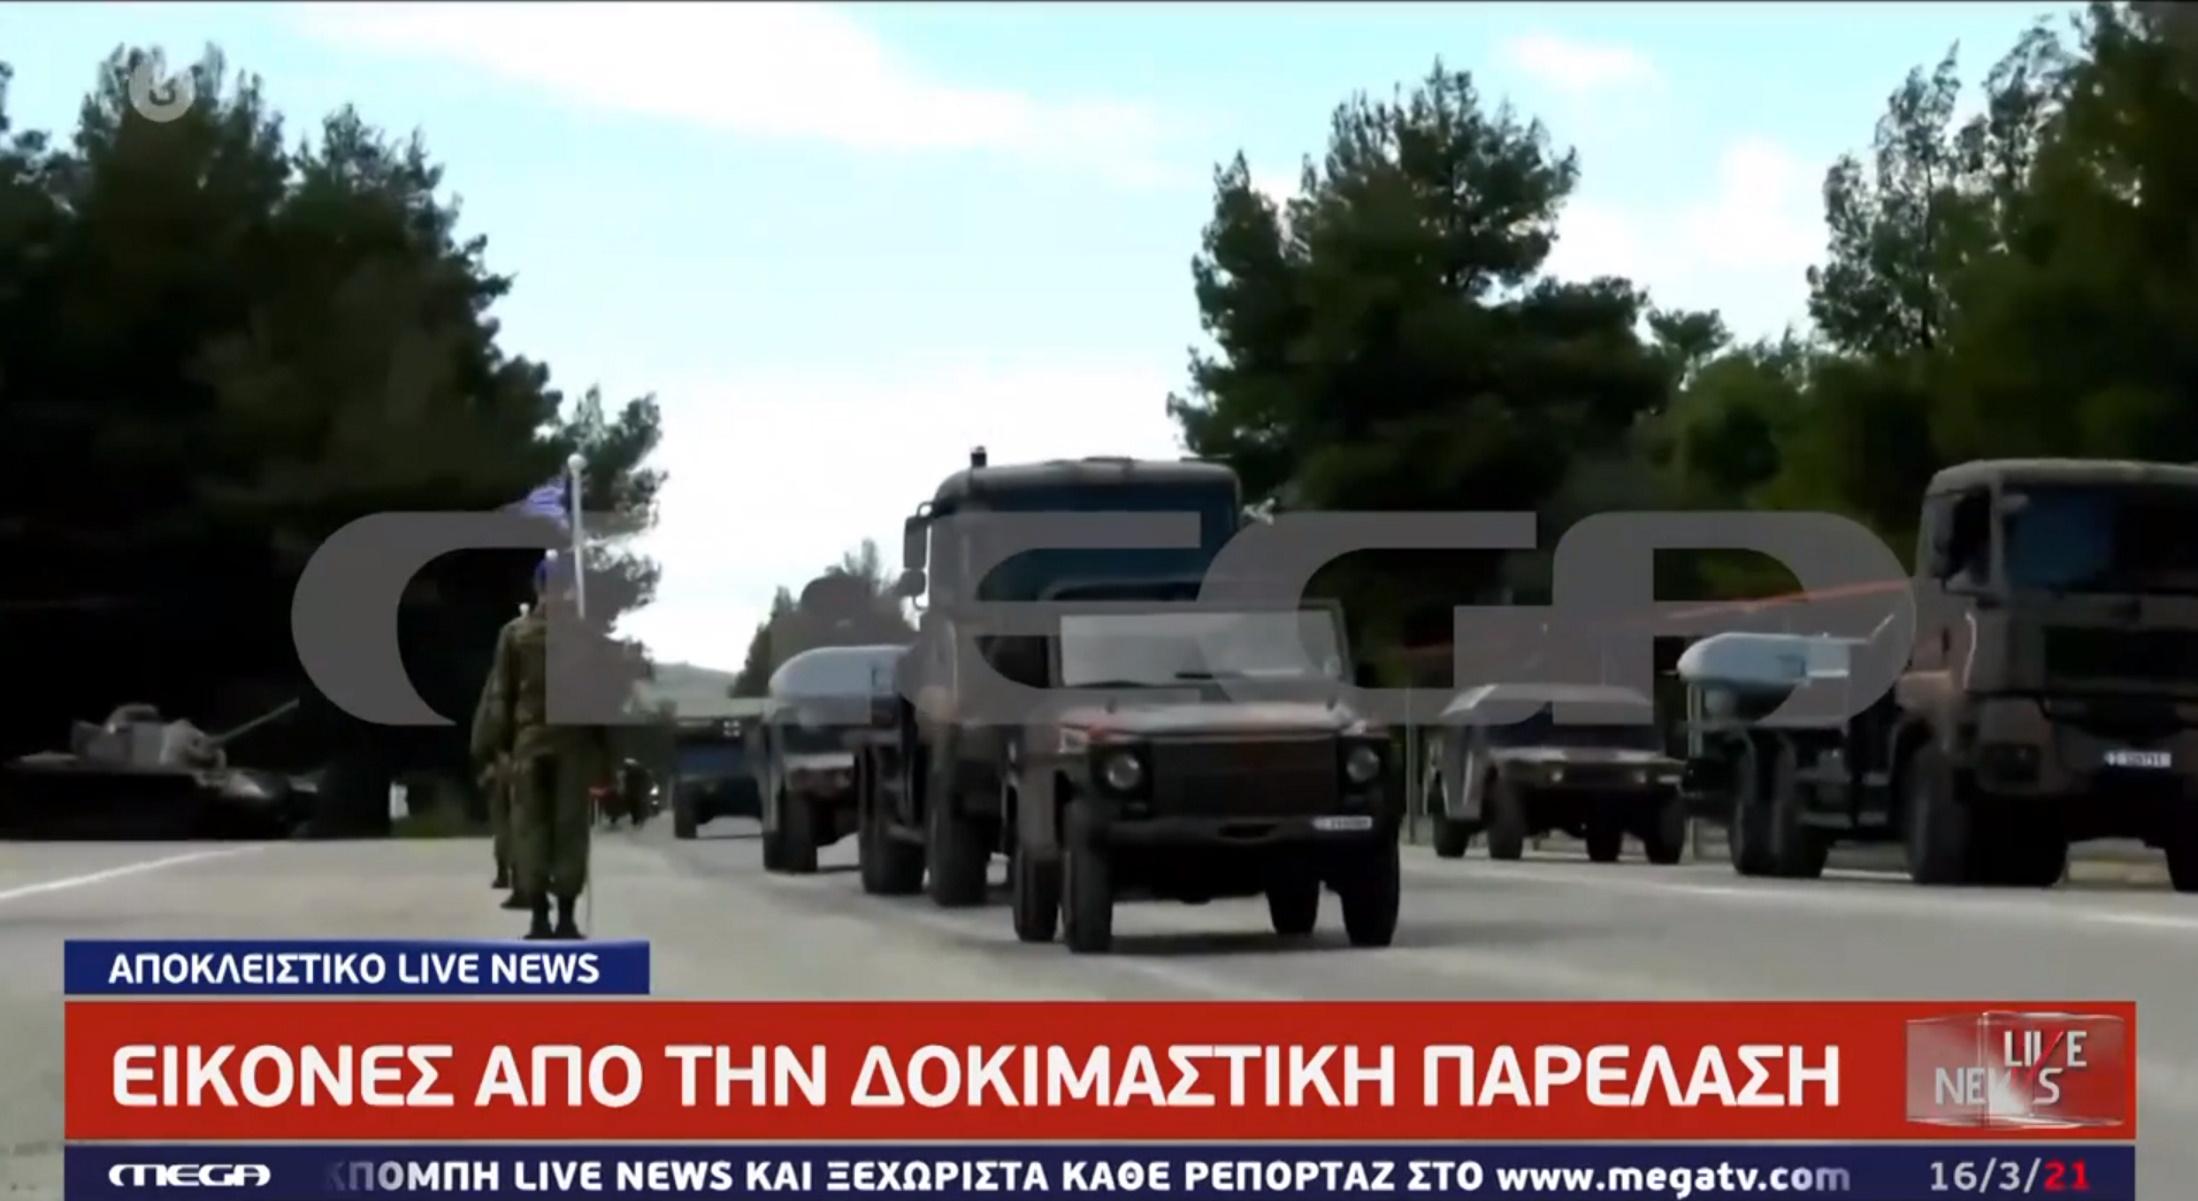 25η Μαρτίου: Αποκλειστικά πλάνα του Live News από τις πρόβες της στρατιωτικής παρέλασης